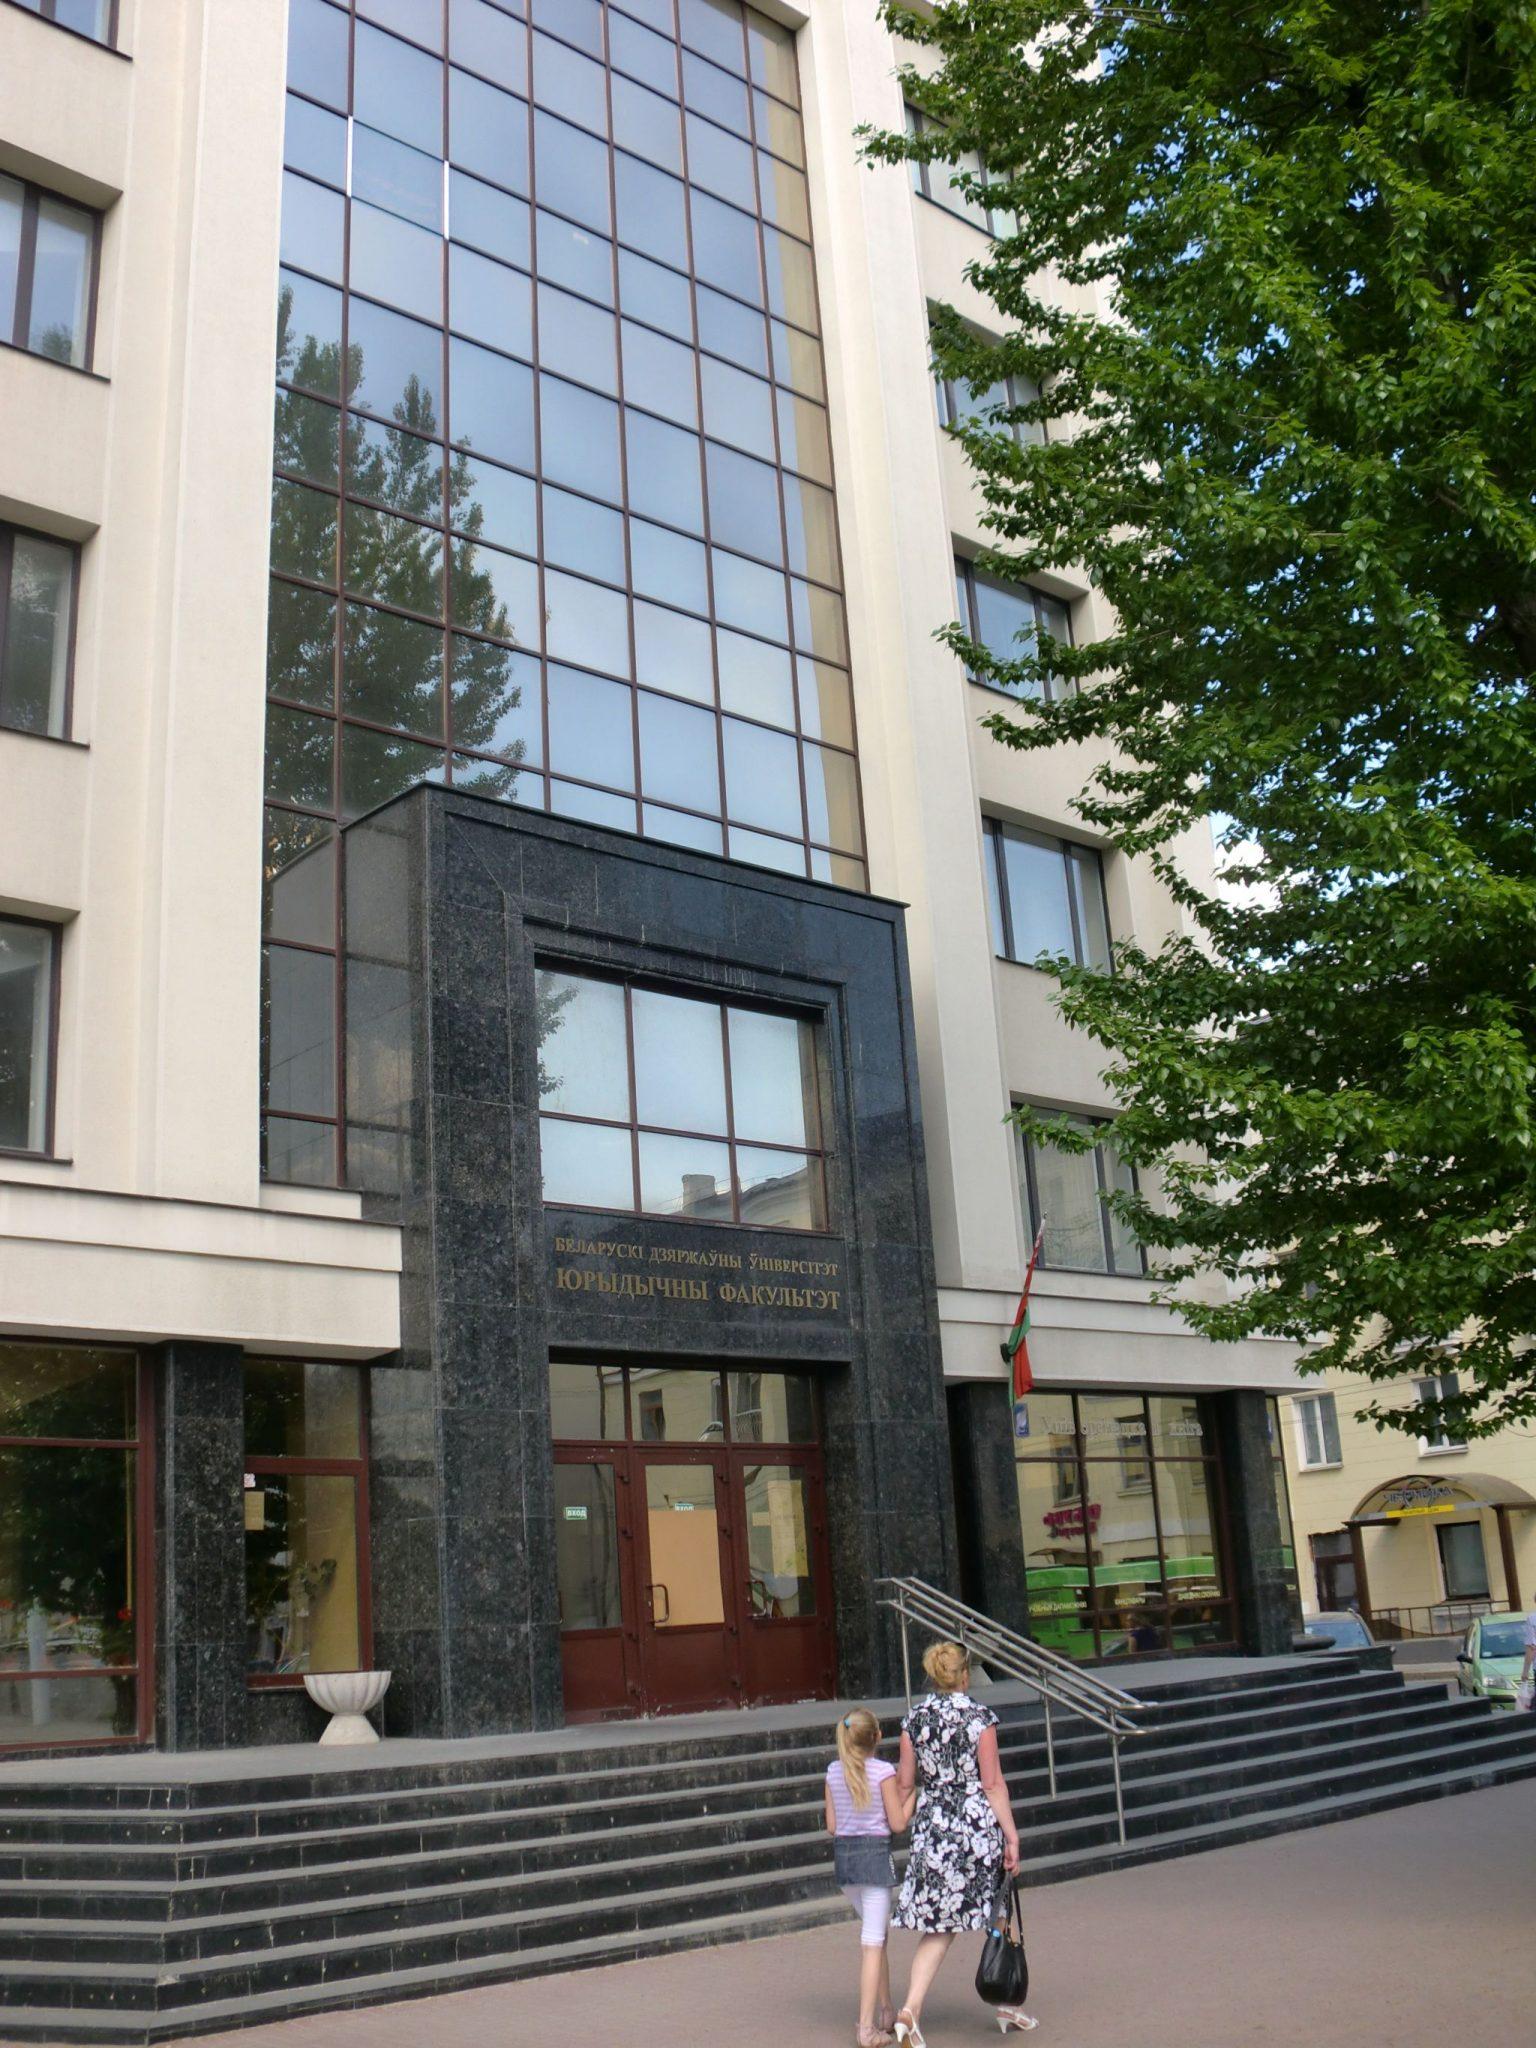 Minsk university 2 - Minsk, 1 amazing city you have to see